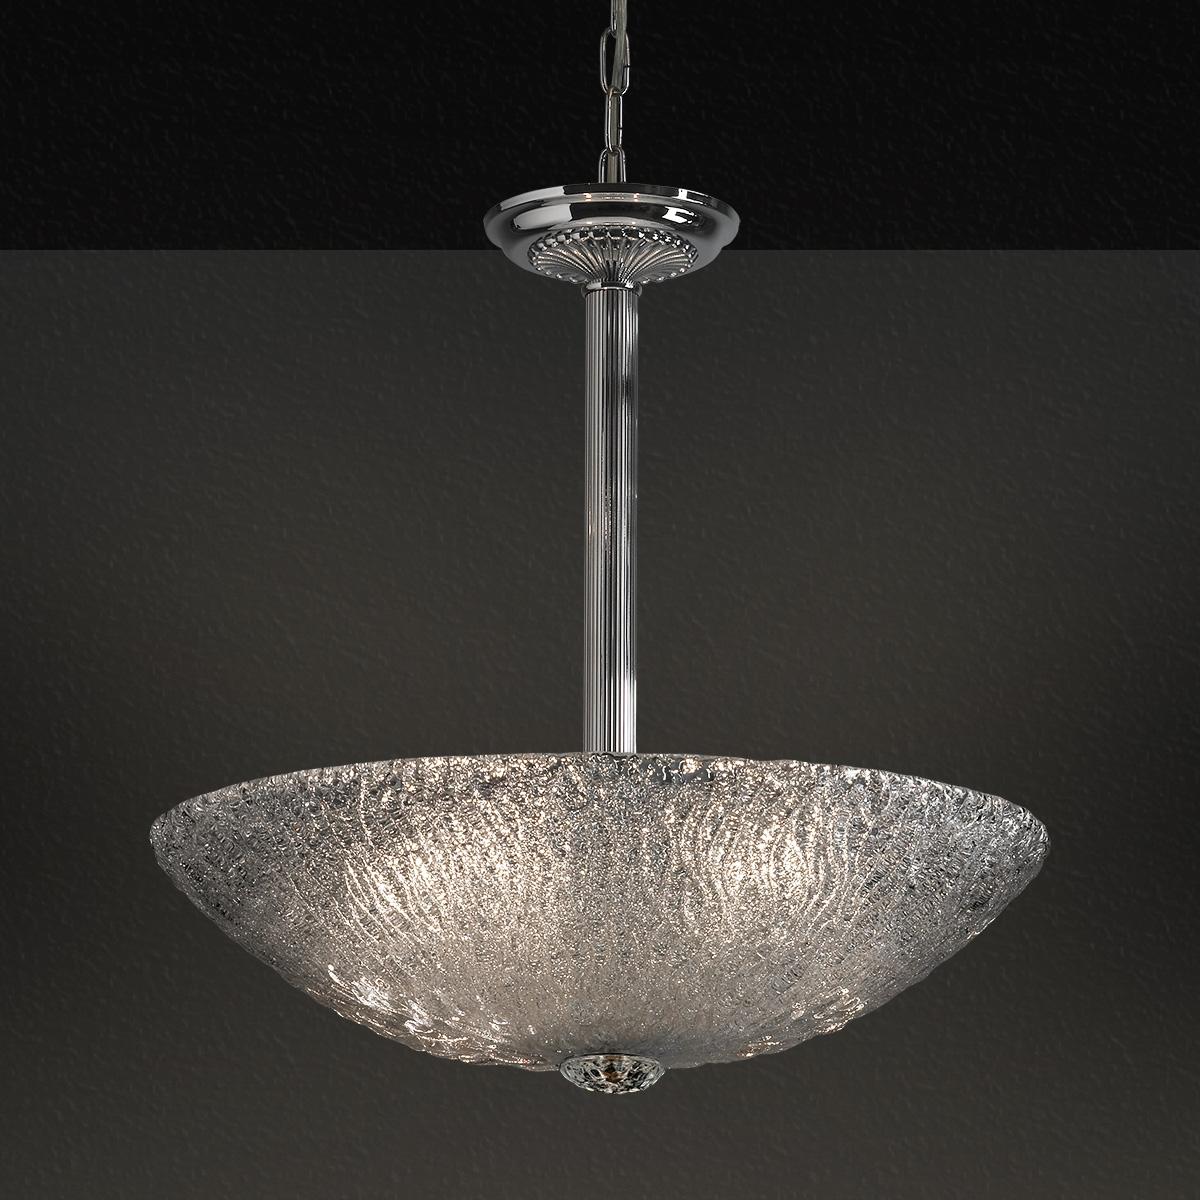 Κρεμαστό φωτιστικό Μουράνο ΚΥΜΑΤΑ murano suspension lamp